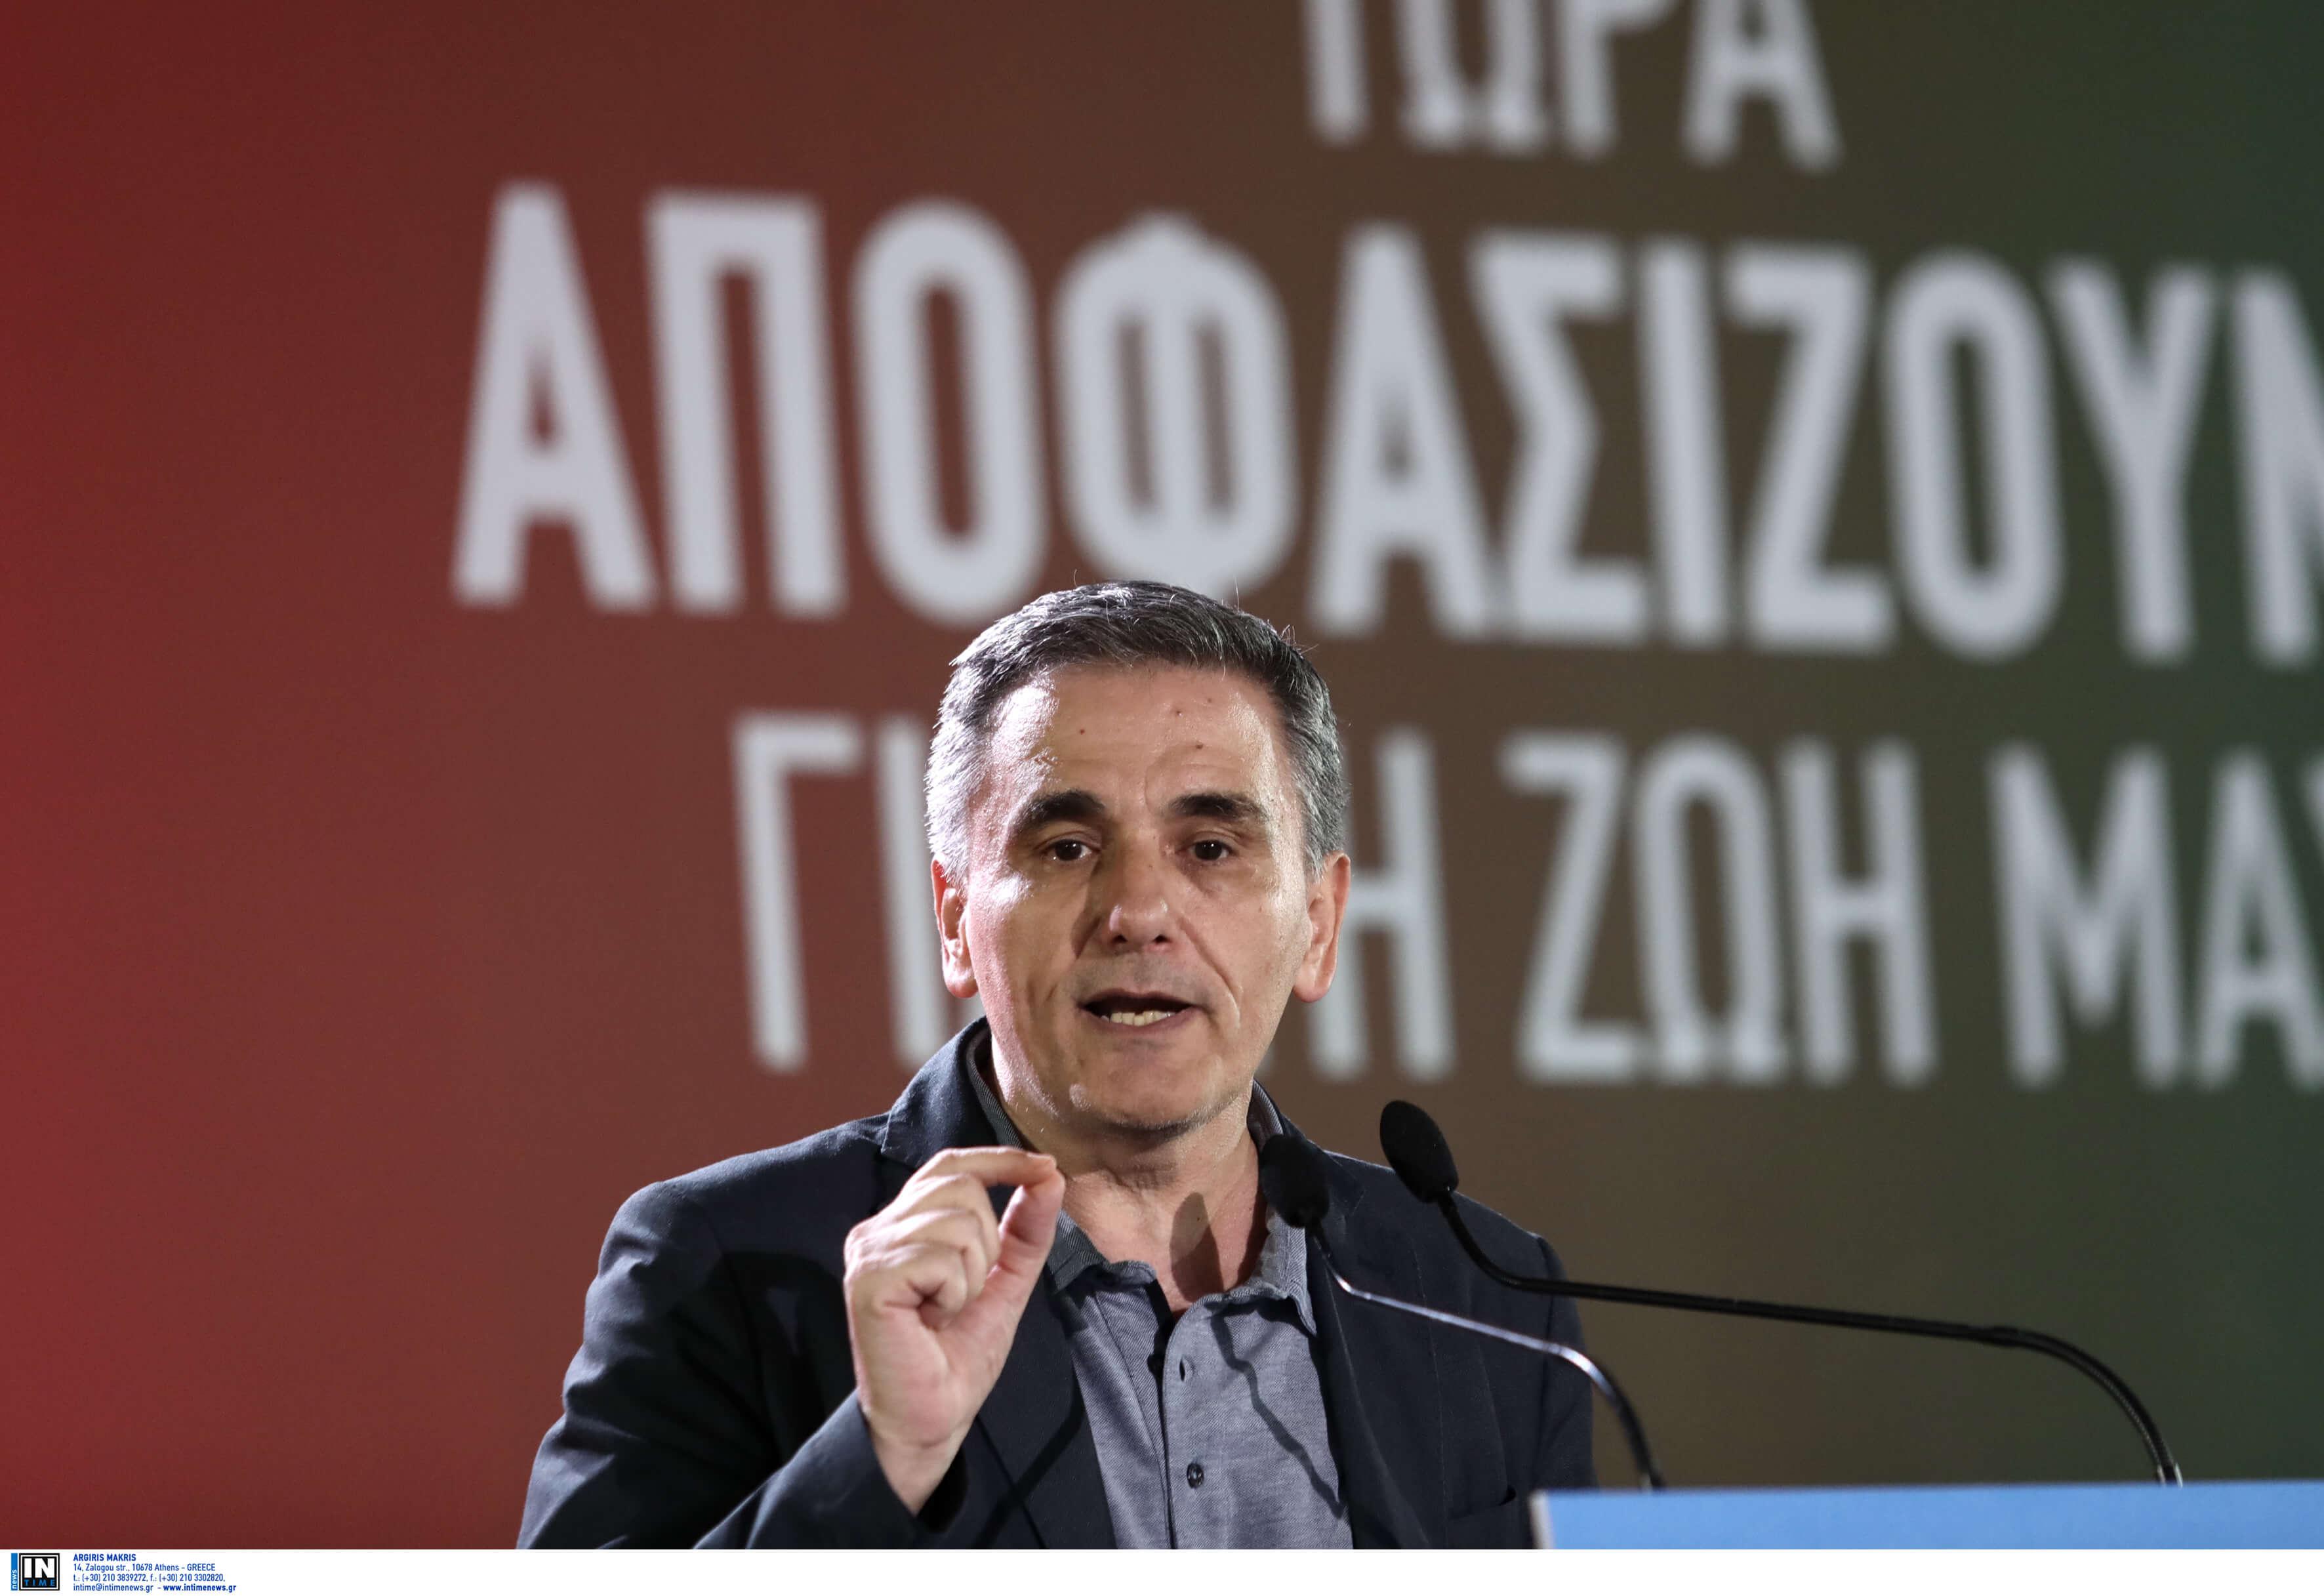 Κάλεσμα Τσακαλώτου στη μεσαία τάξη – Τι είπε για την ταυτότητα του ΣΥΡΙΖΑ